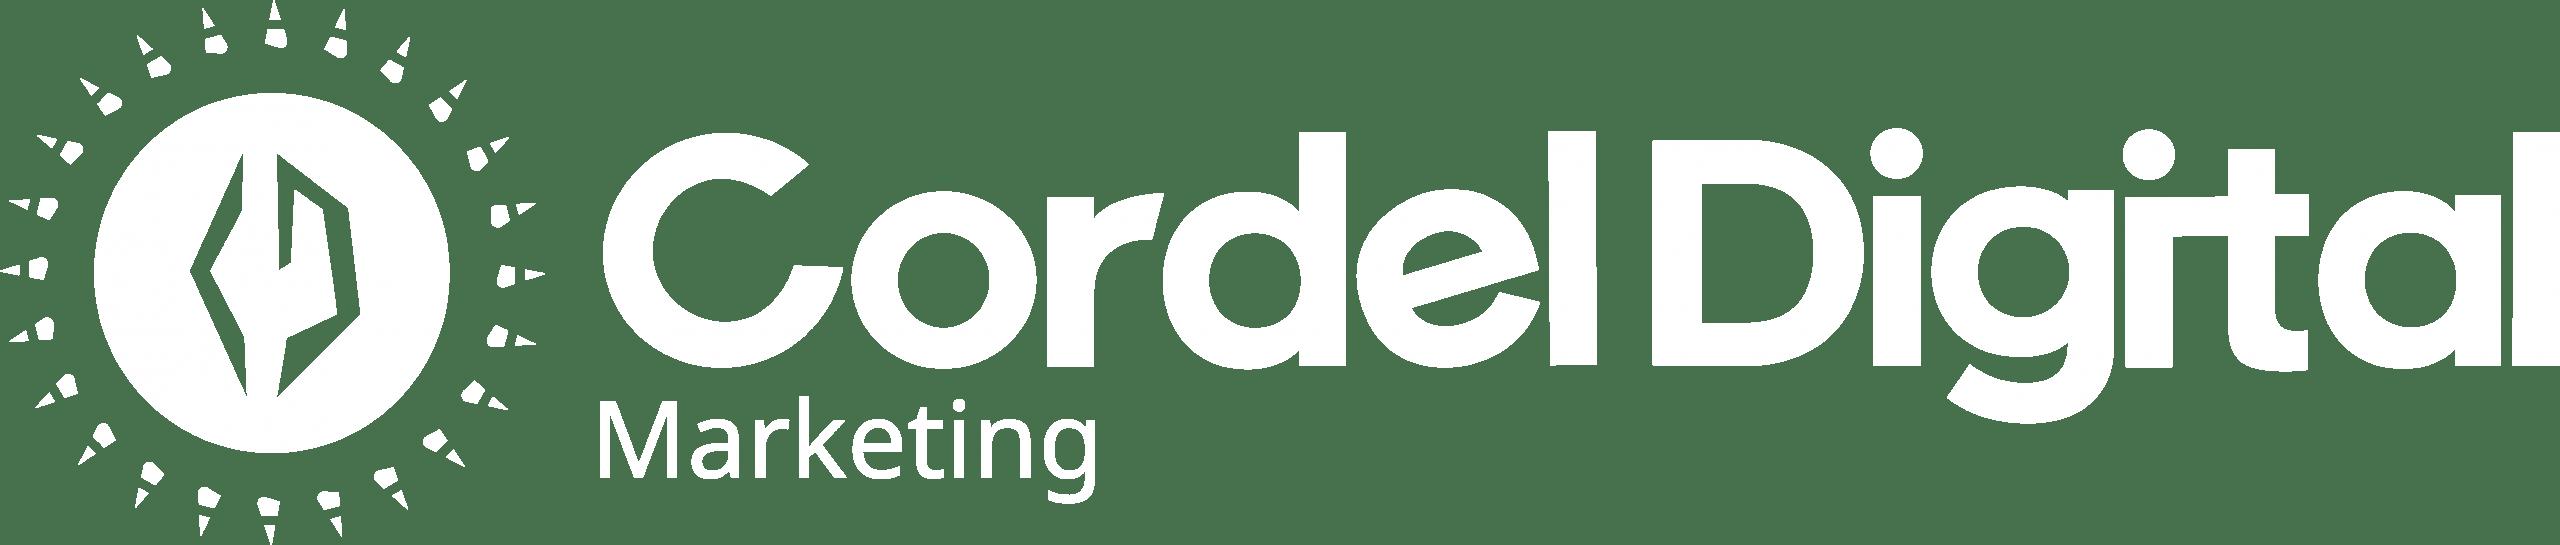 Logo Cordel Digital Horizontal Branca